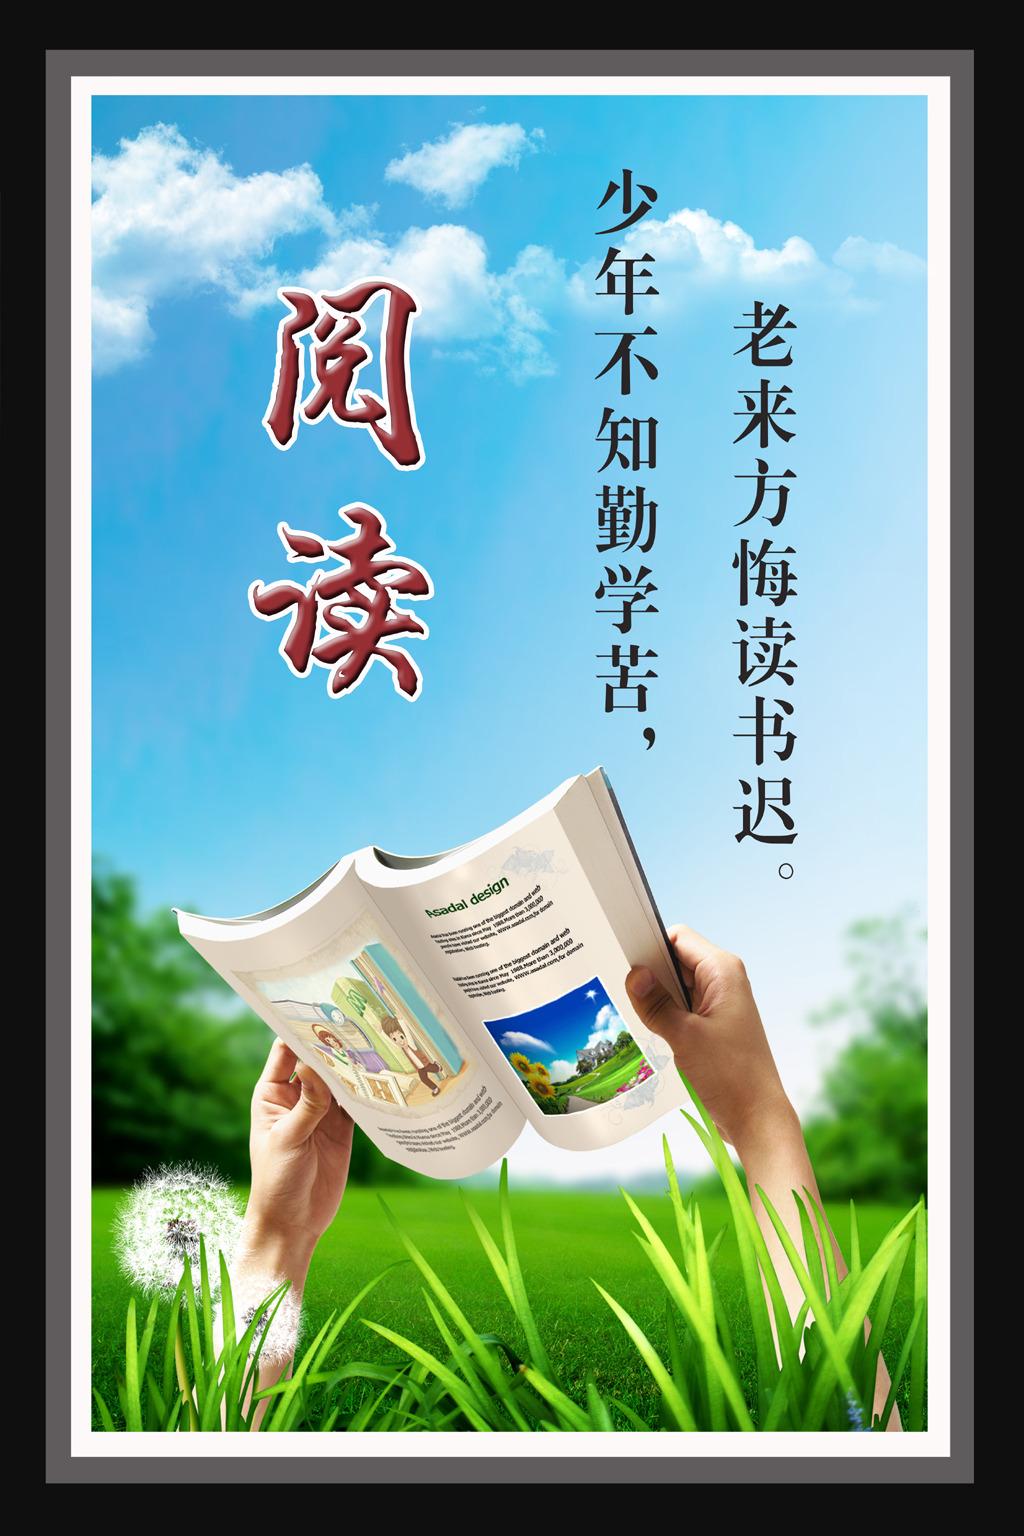 校园文化阅读展板海报设计模板下载(图片编号:)_学校